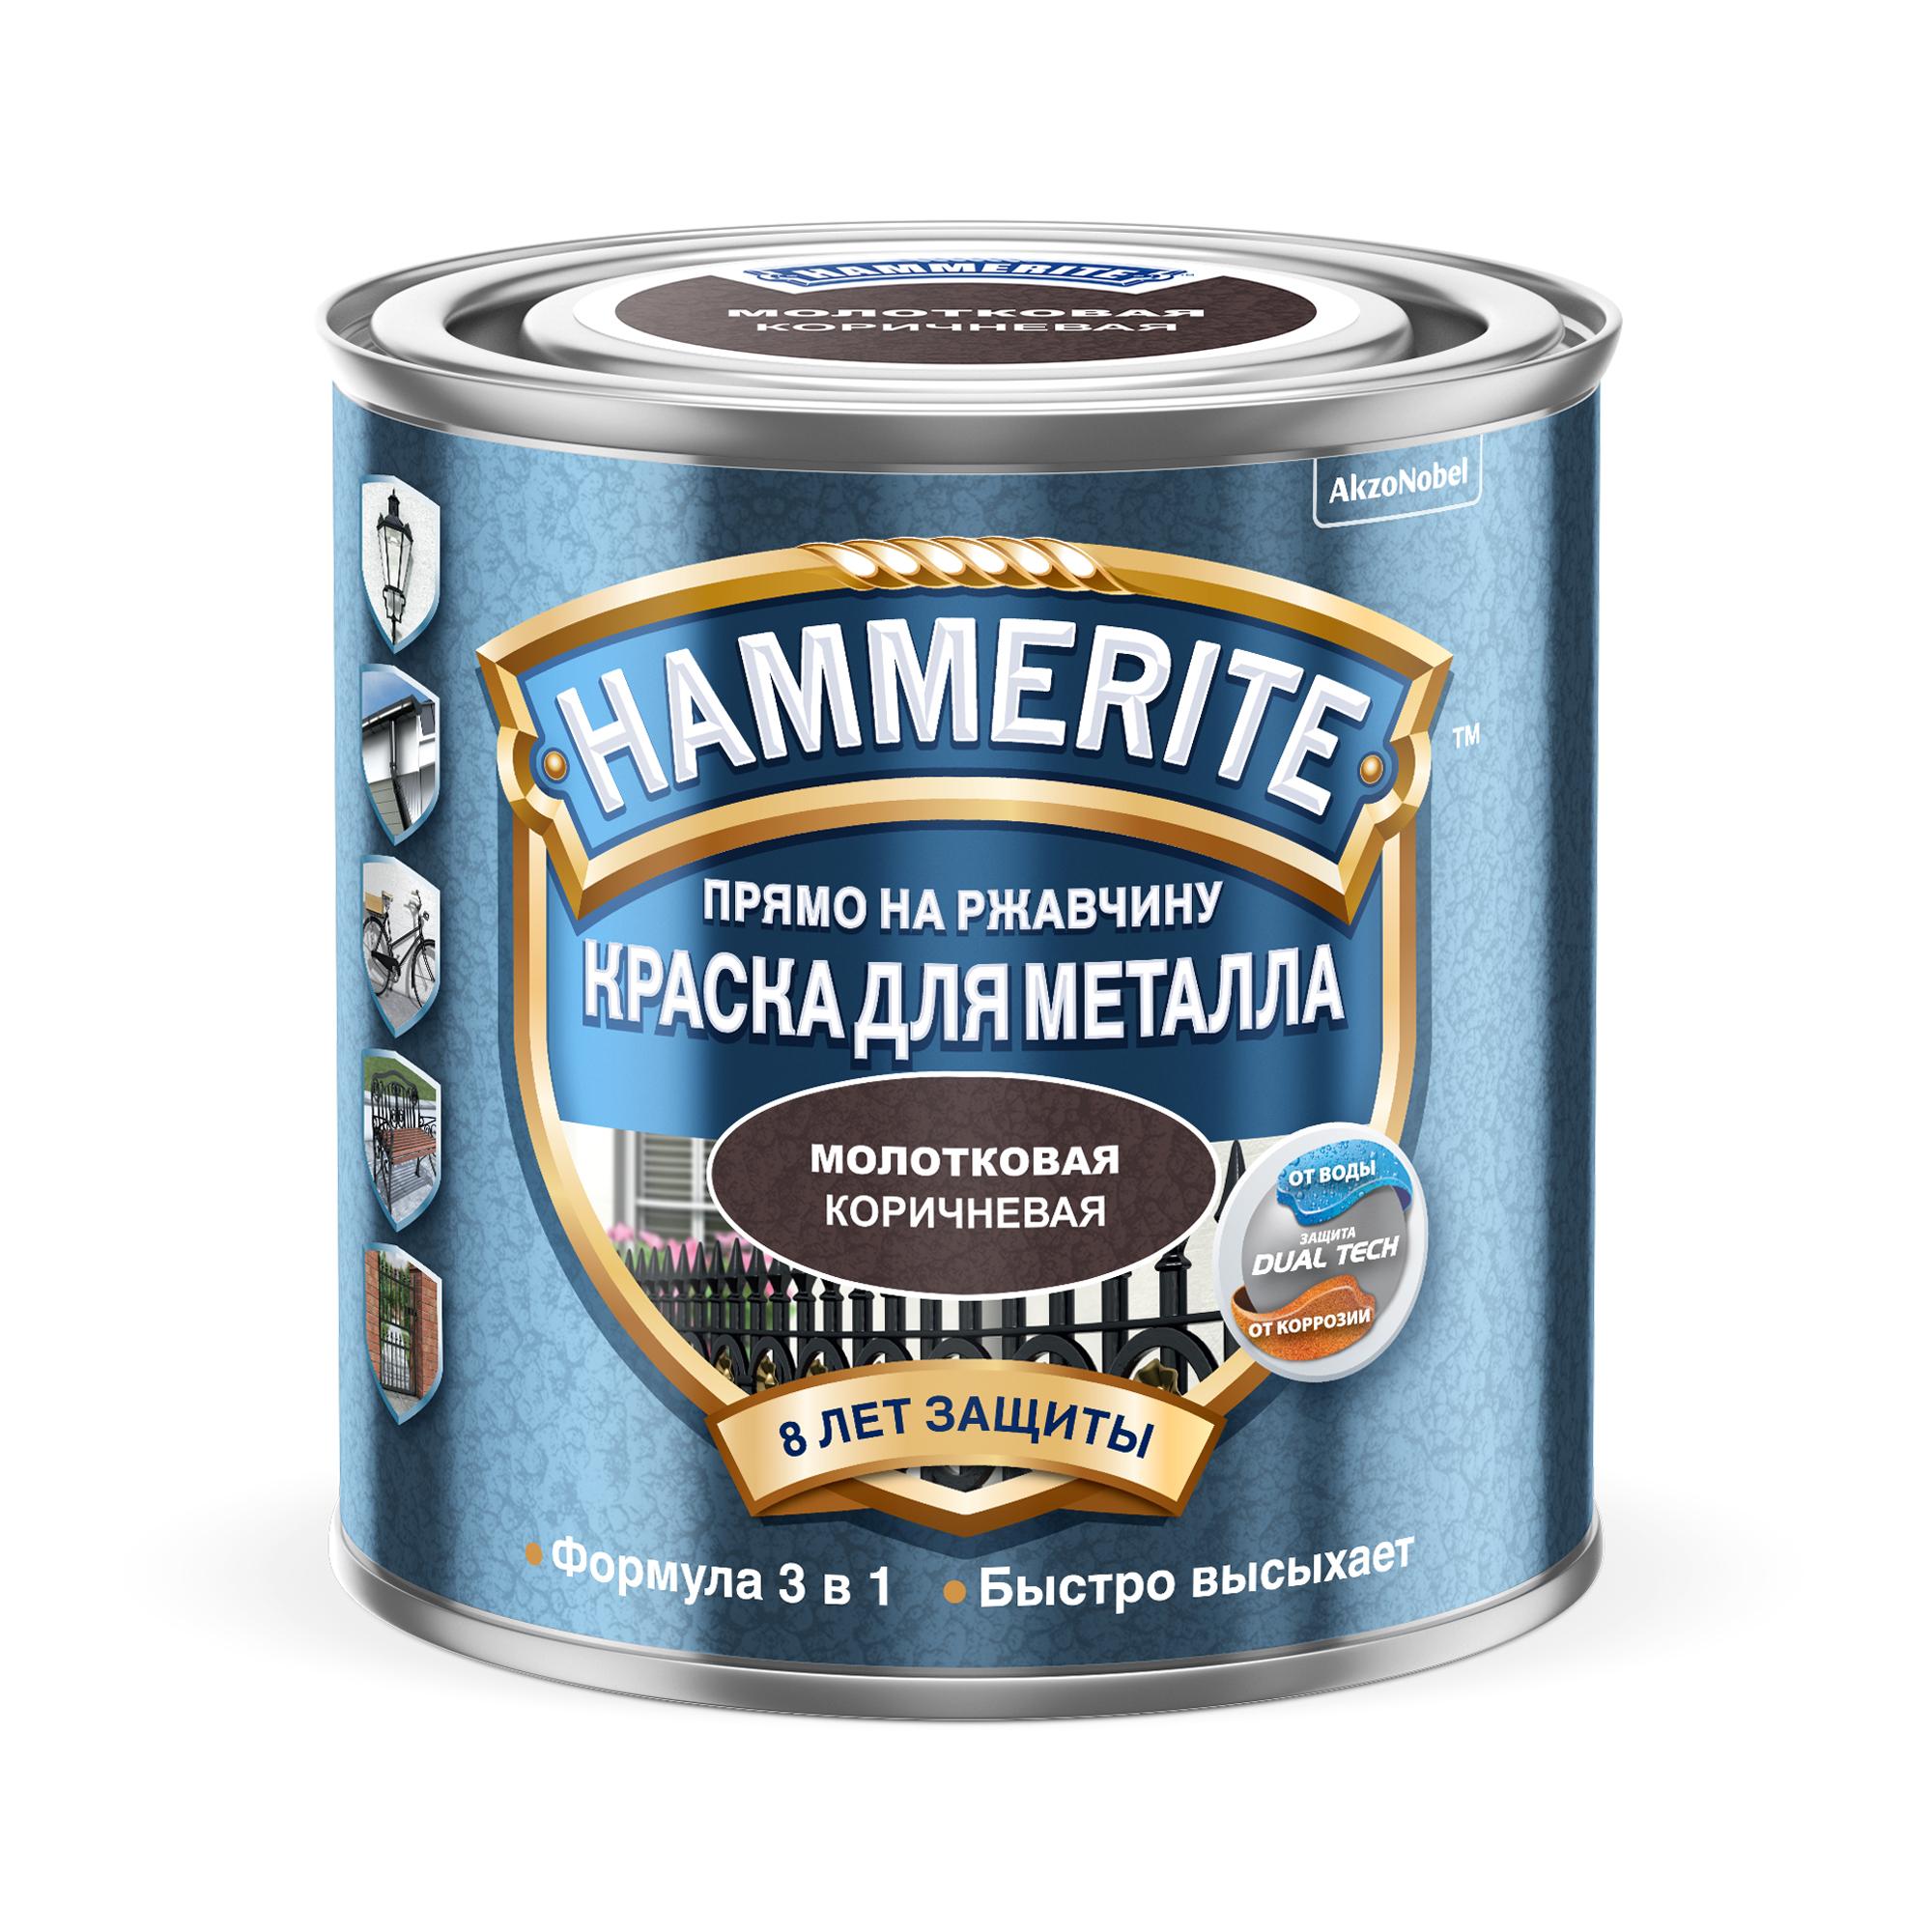 Краска Hammerite молотковая коричневая 2.50 краска по ржавчине tikkurila metallista молотковая коричневая глянцевая 0 4 л